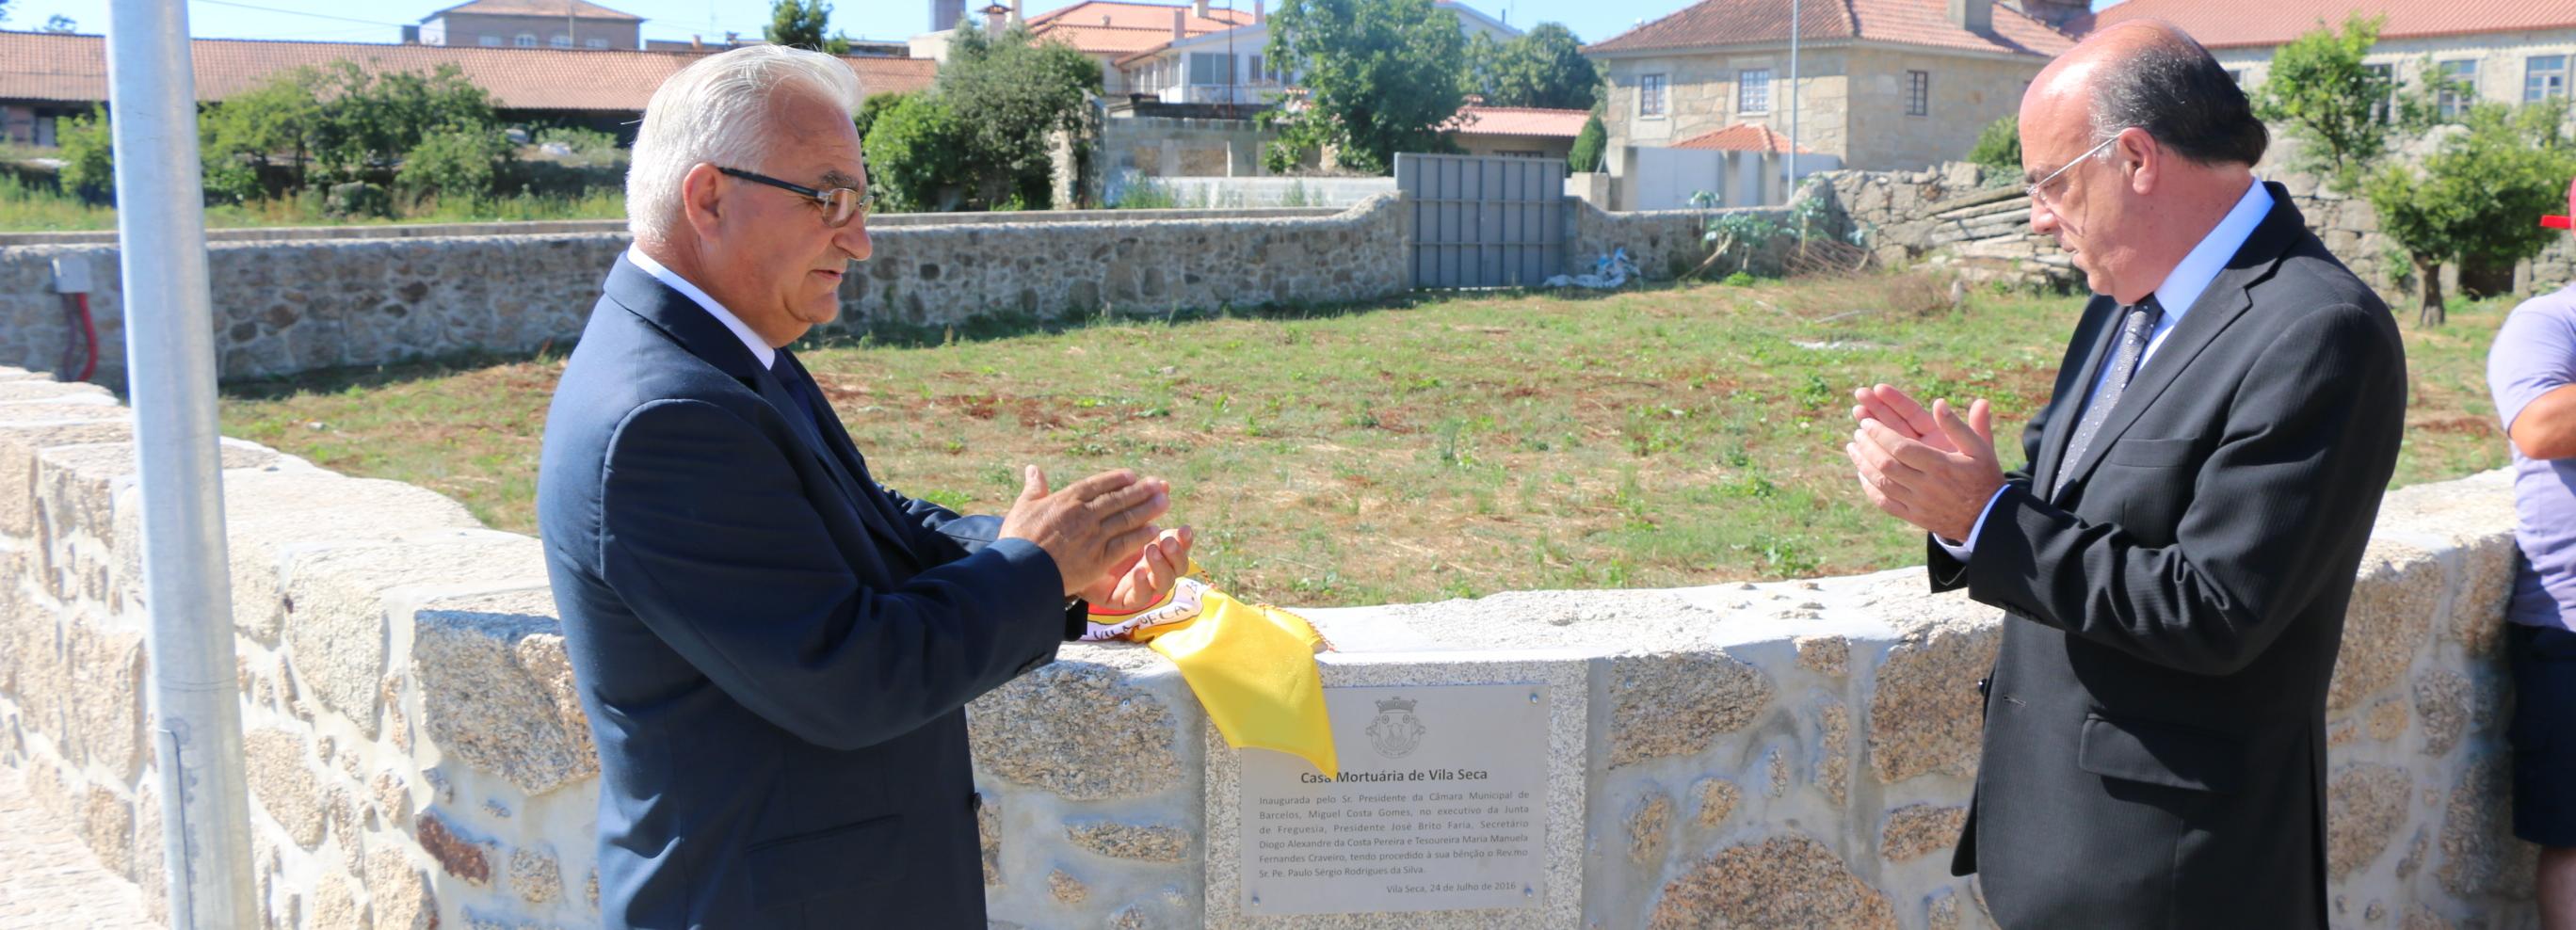 Presidente da Câmara inaugura Casa Mortuária de Vila Seca